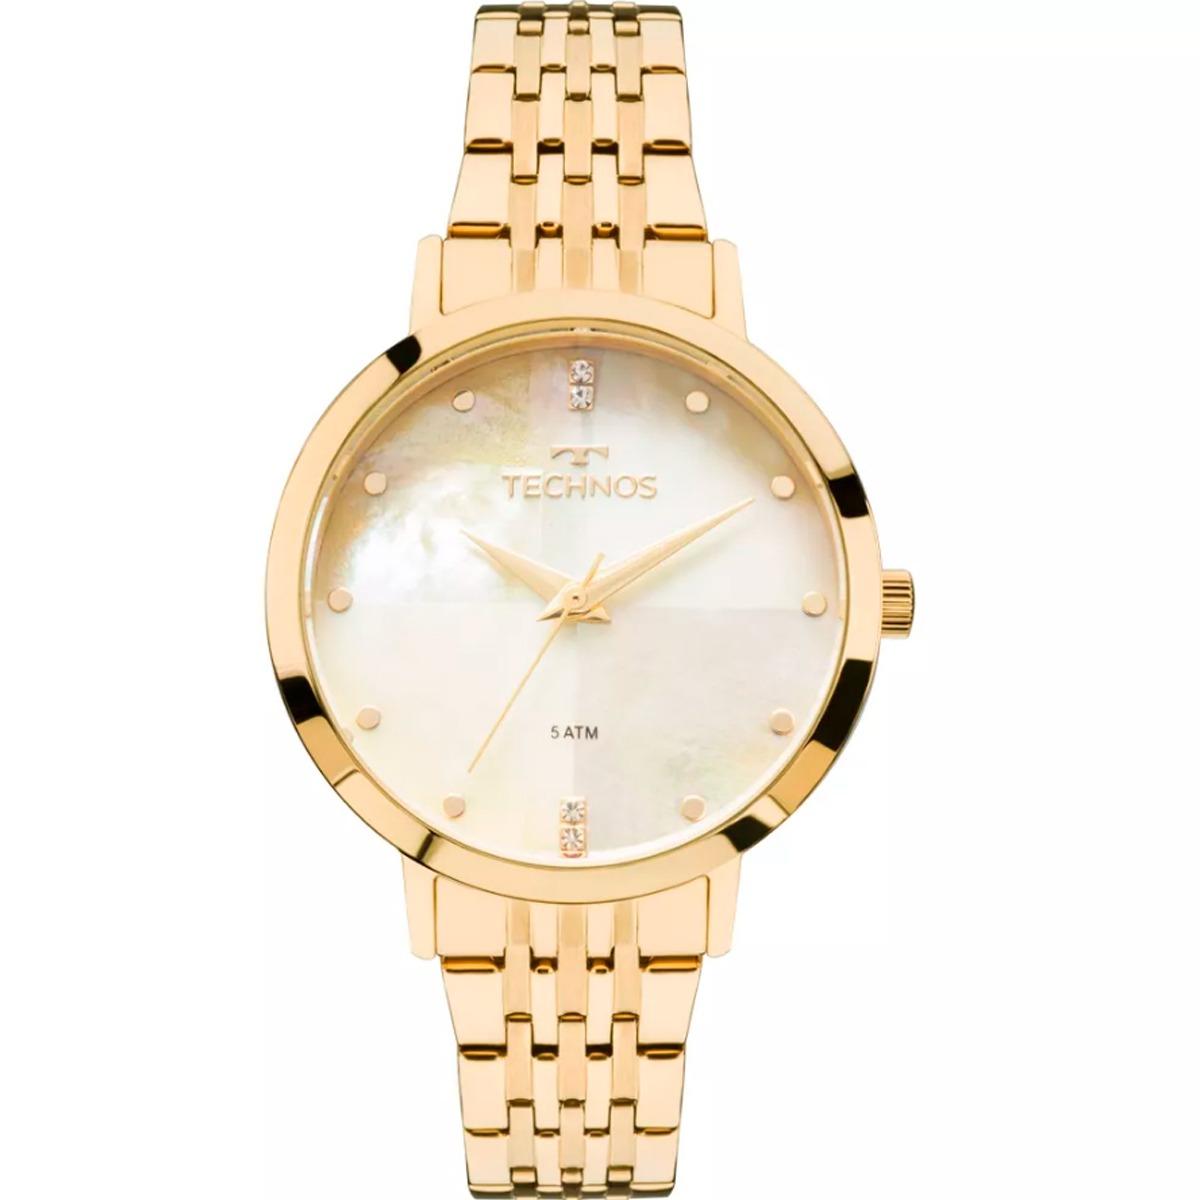 1cd44bfdaf8f8 Relógio Technos - Fashion - Trend - 2036mjg 4b - R  272,00 em ...